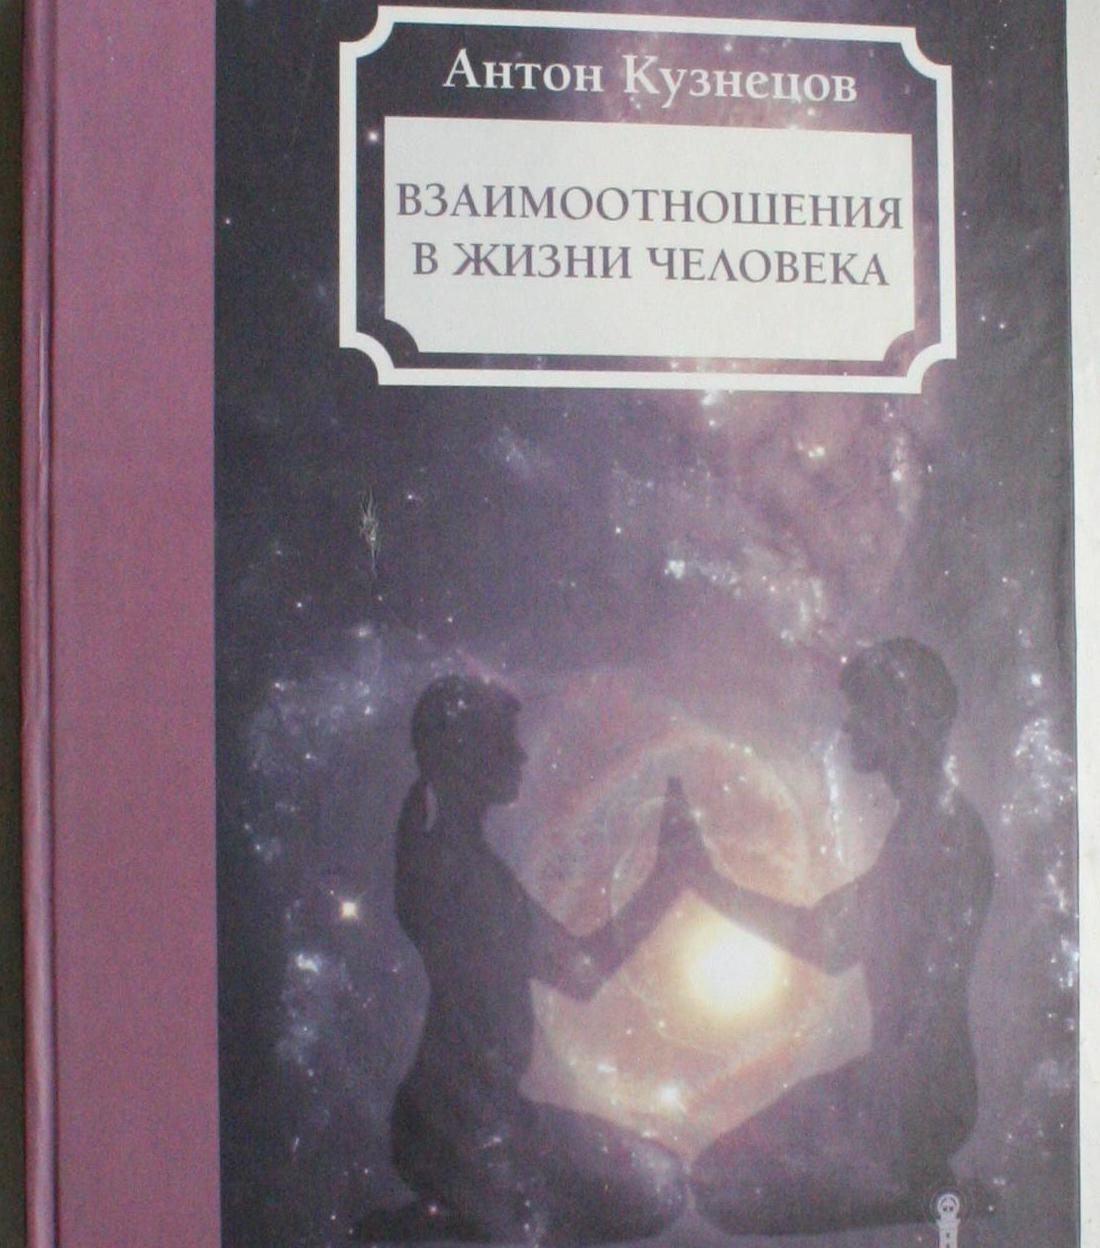 * Книга Антон Кузнецов — Взаимоотношения и жизнь человека v2 *